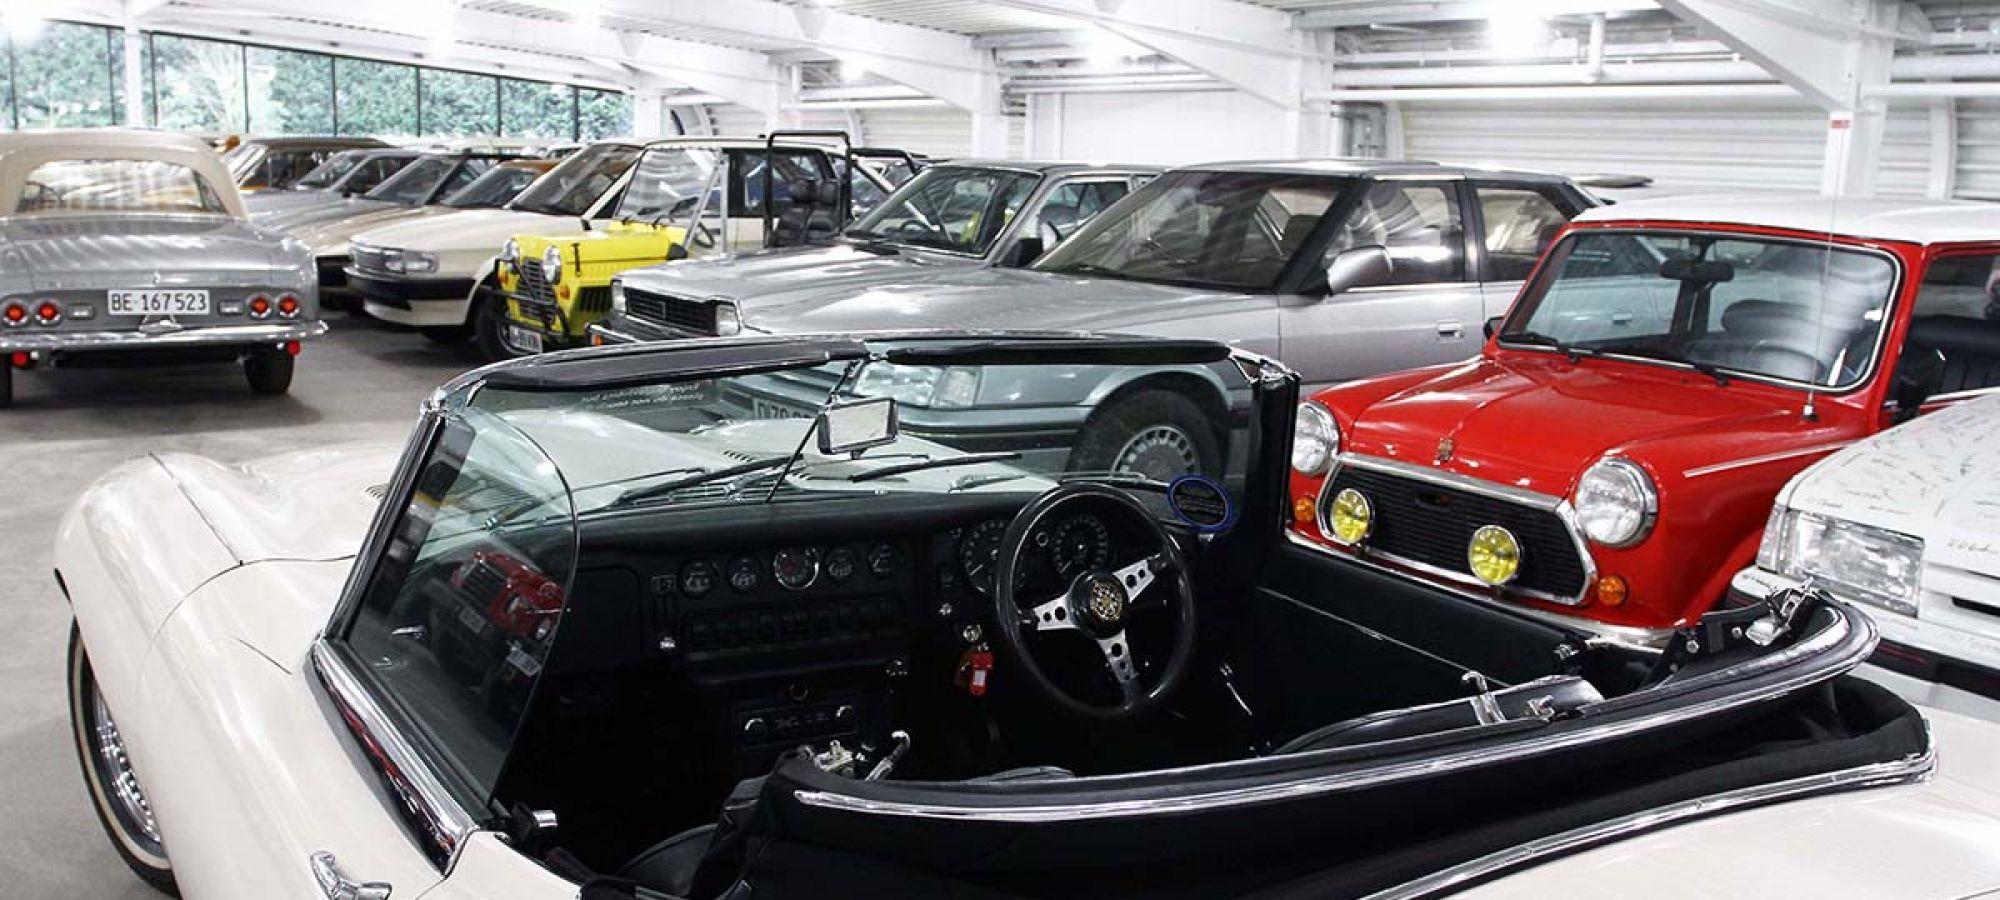 @British Motor Museum